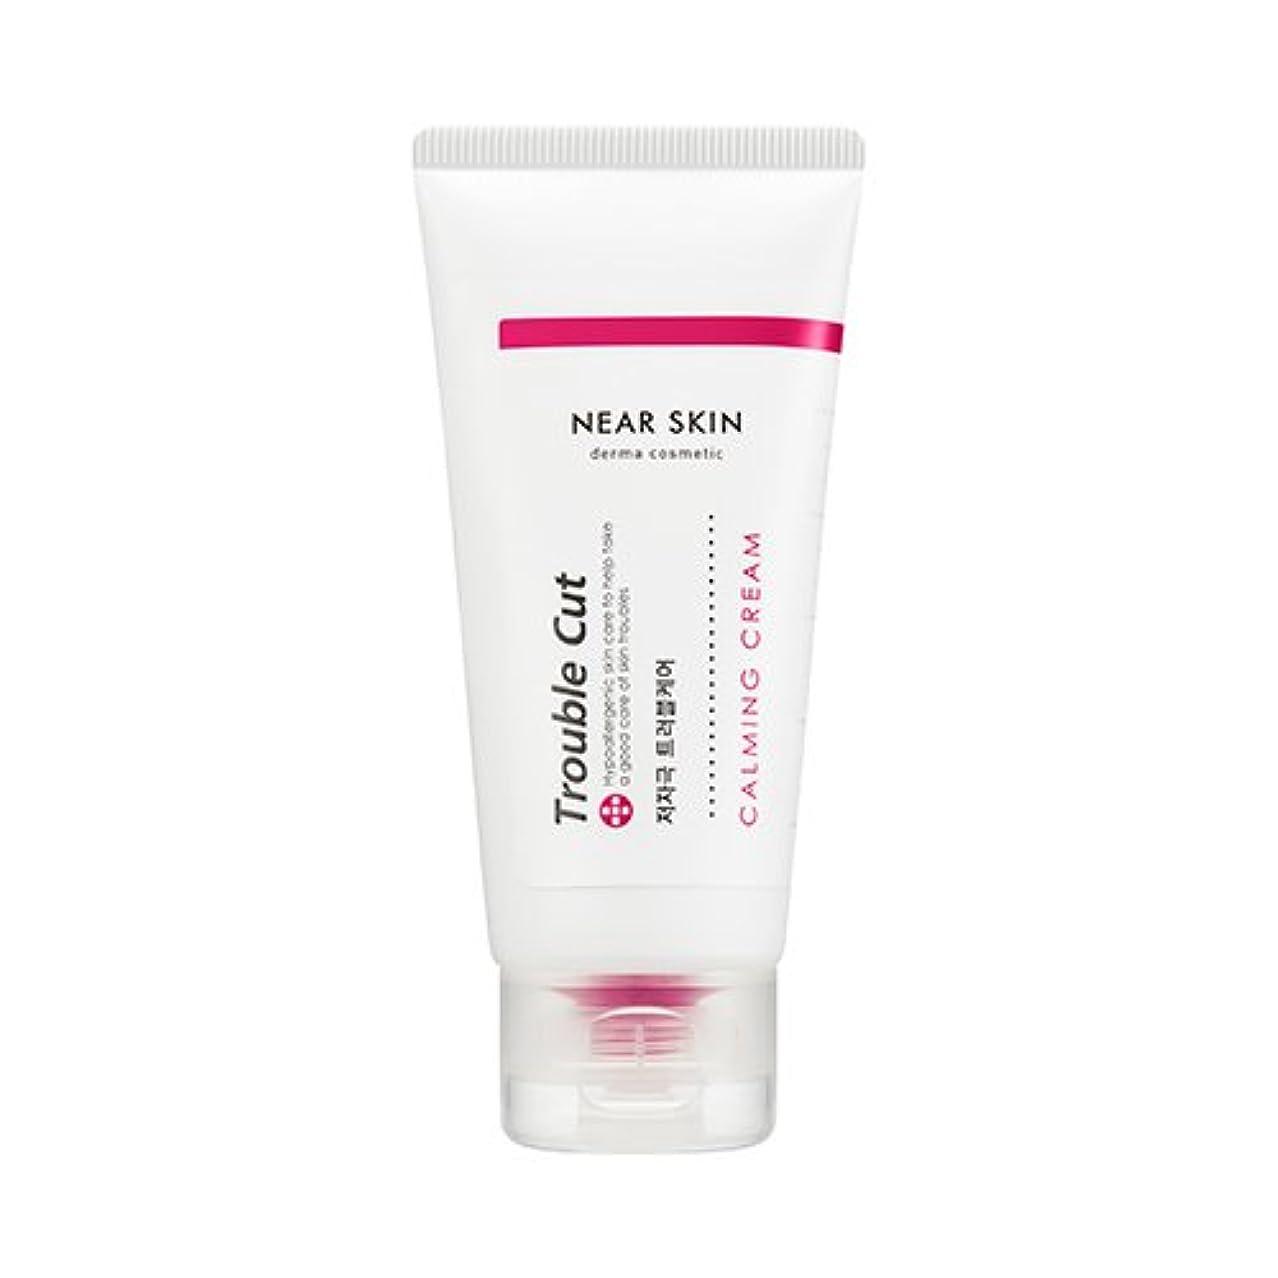 小川革命一時解雇するMISSHA [Near Skin] Trouble Cut Calming Cream 20ml / ミシャ ニアスキン トラブルカットカミングクリーム [並行輸入品]